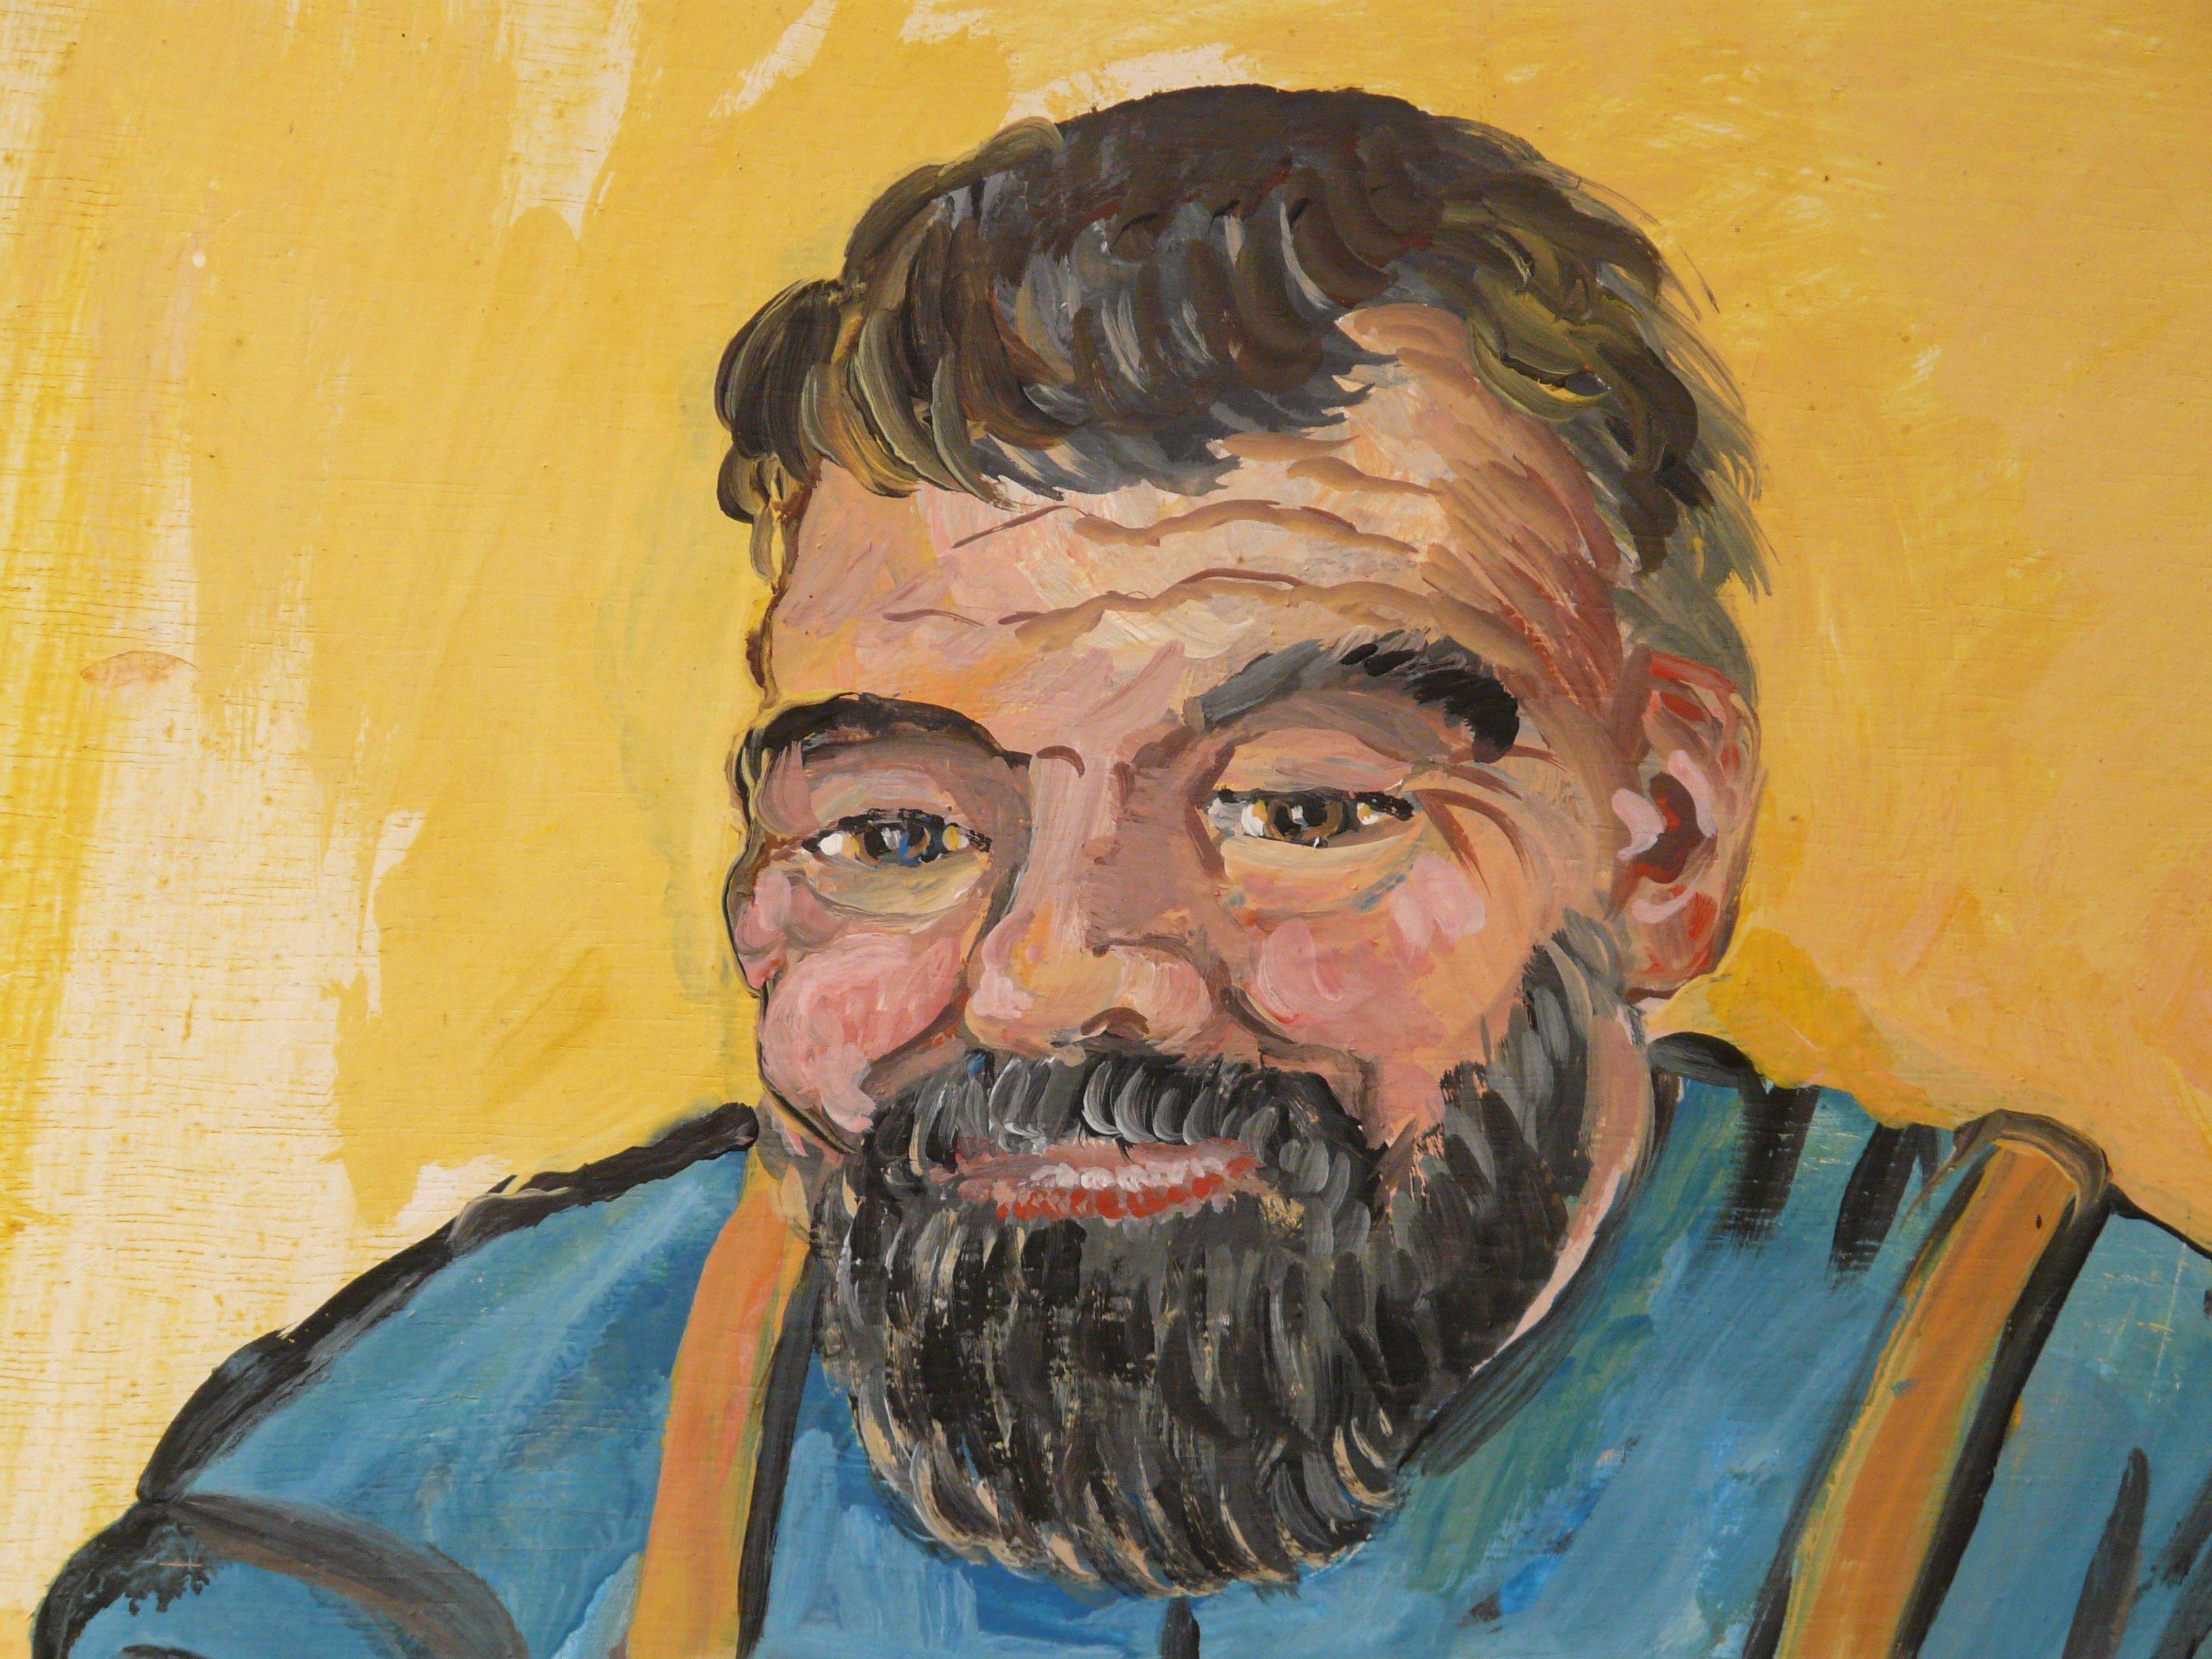 Fotos gratis : hombre, metal, profesión, cara, art, Bart, bosquejo ...